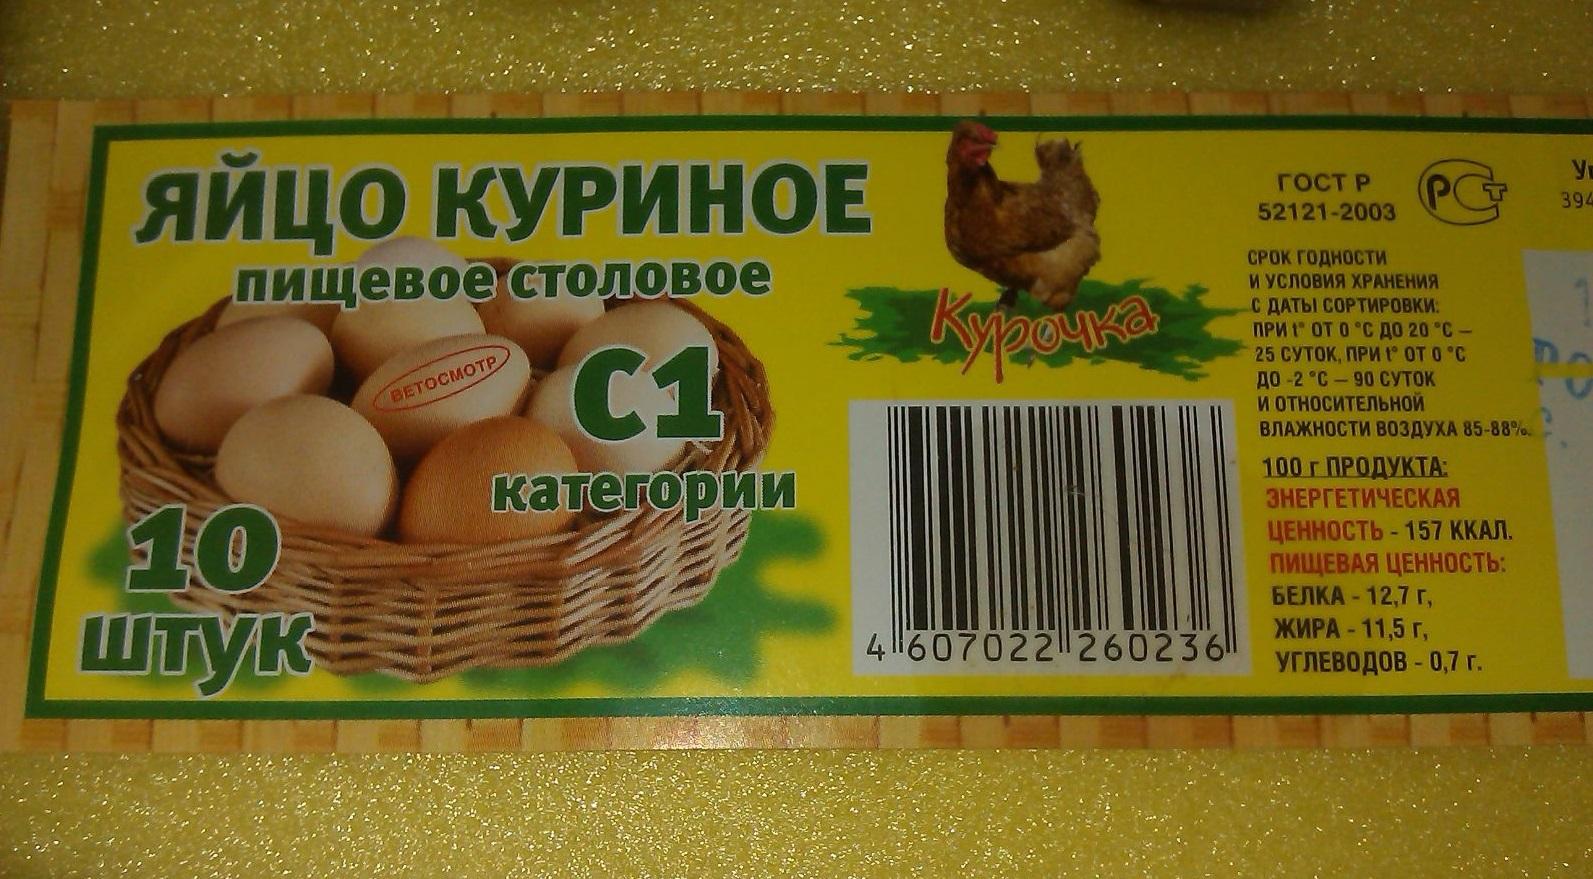 Упаковка от яиц с указанием сроков годности